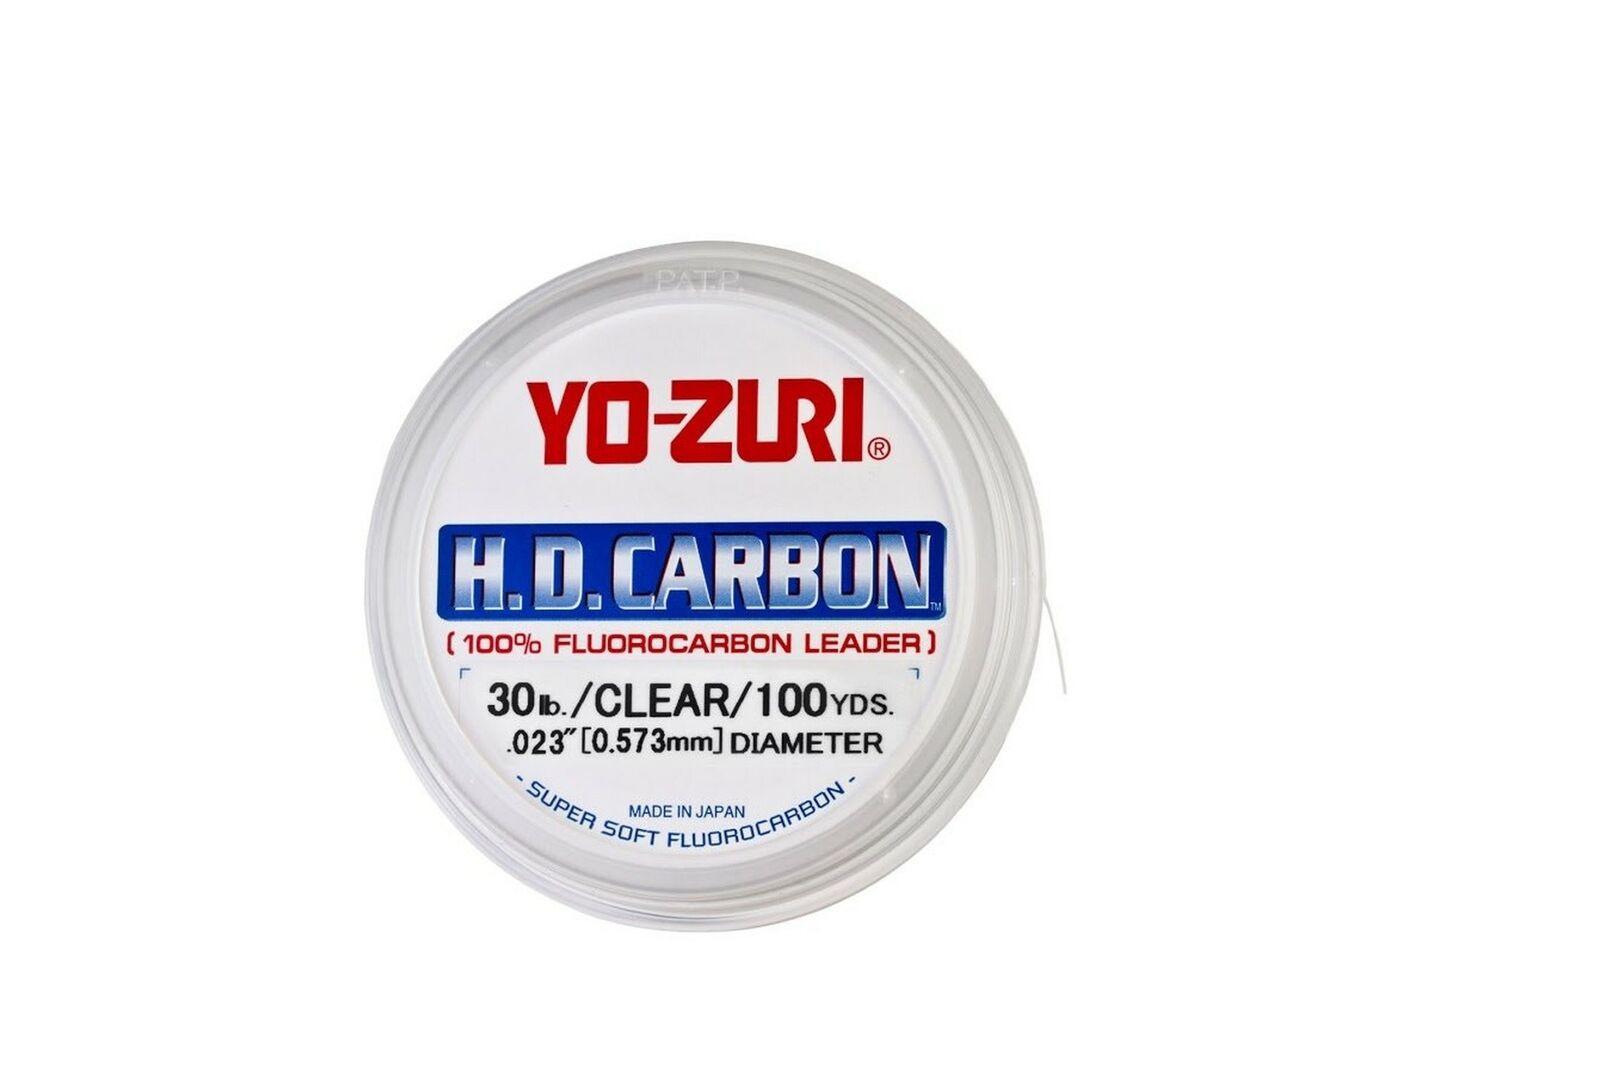 H.D.CARBON FLUOROCABON 30YDS 60LBS